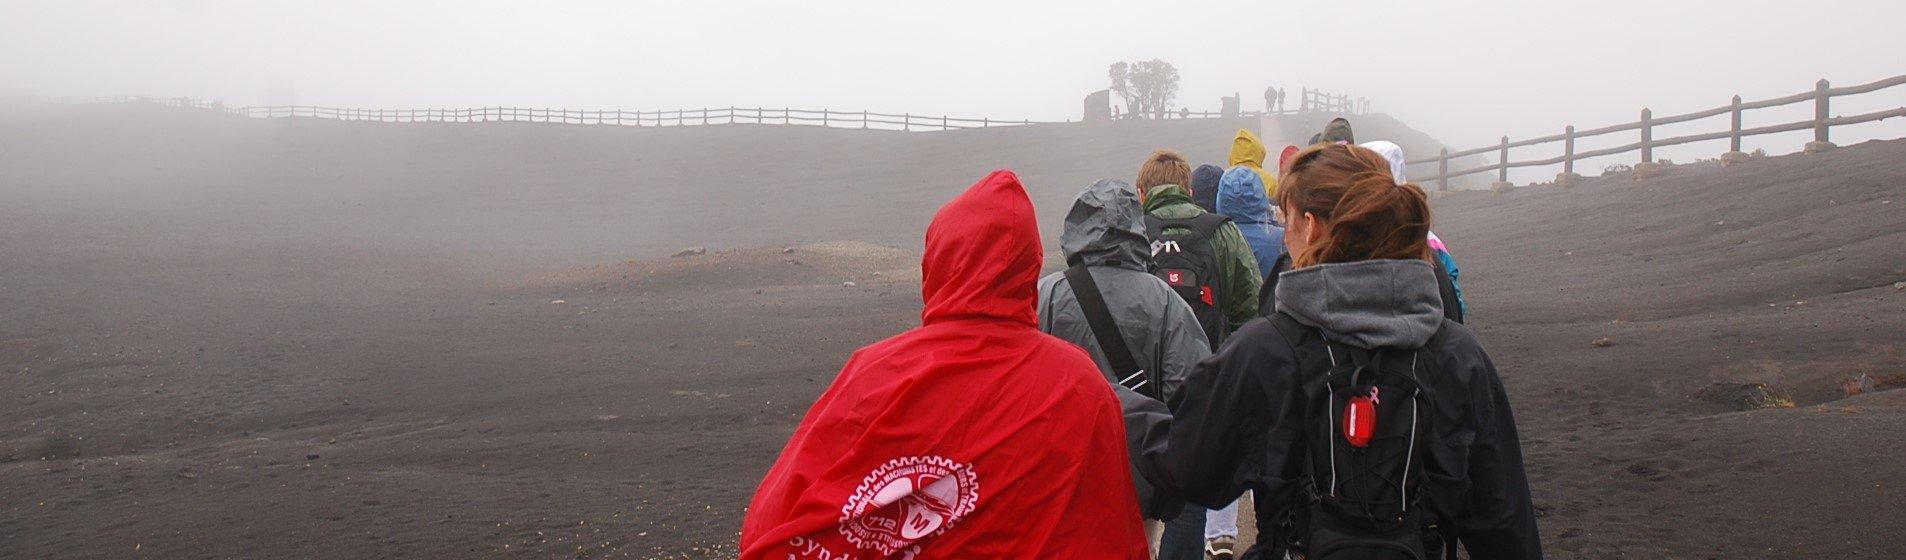 Des élèves marchent au bord d'un volcan au Costa Rica